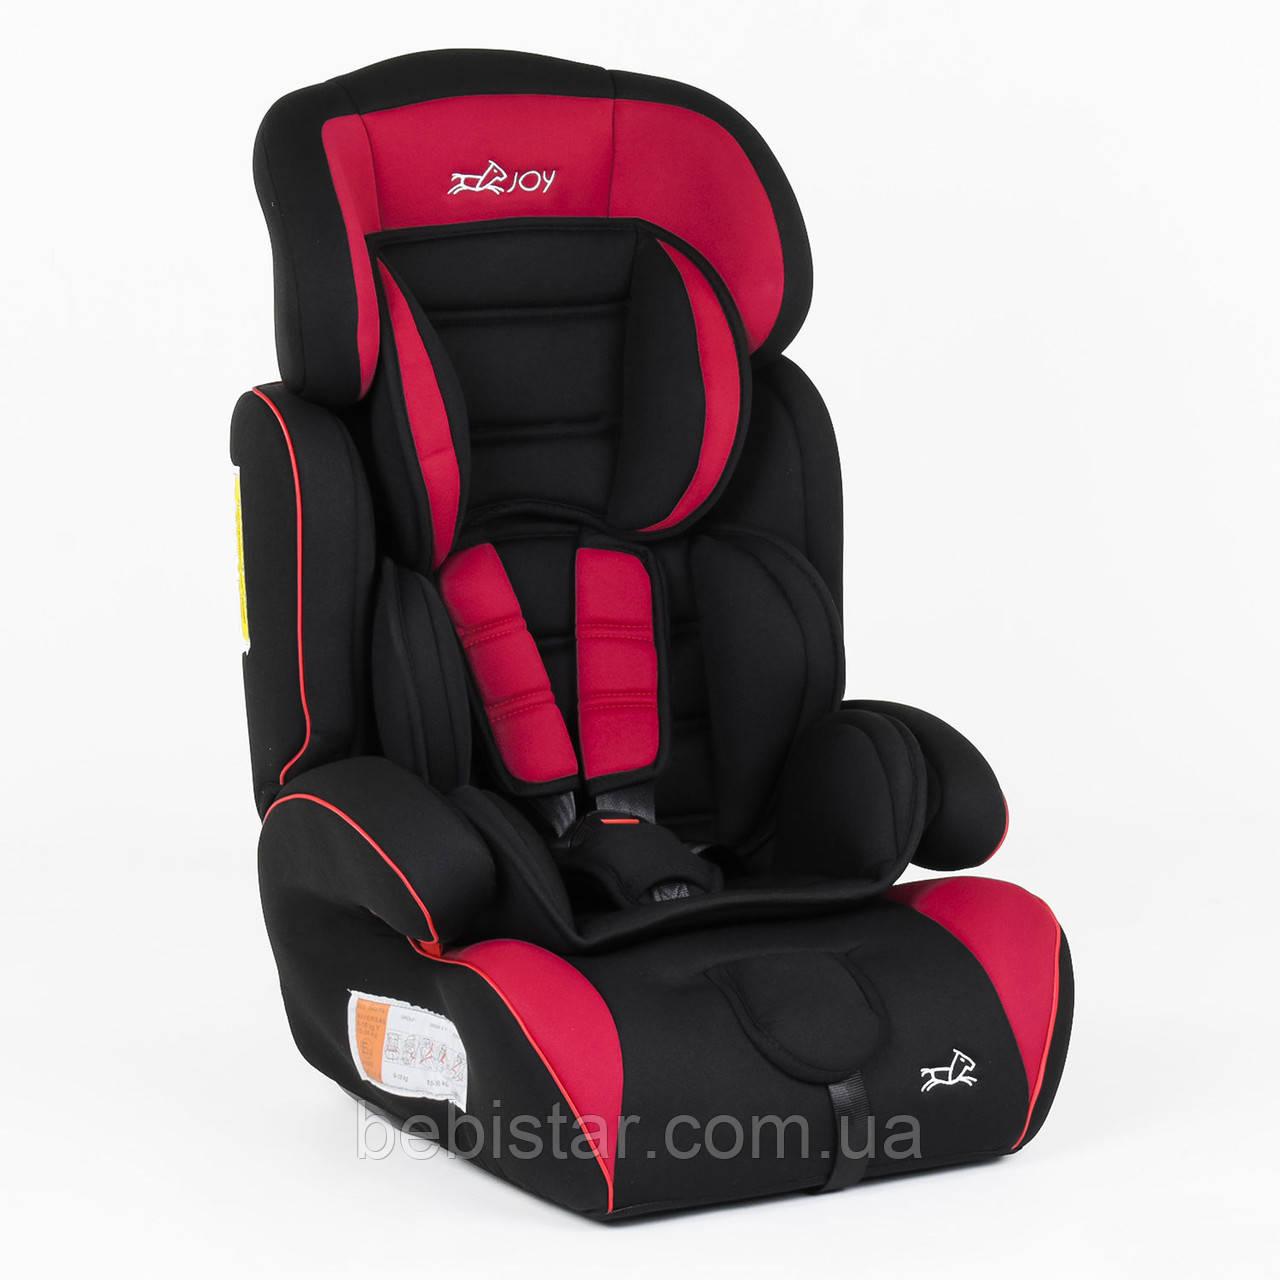 Детское автокресло черное с красным вставками JOY от 1 года до 12 лет